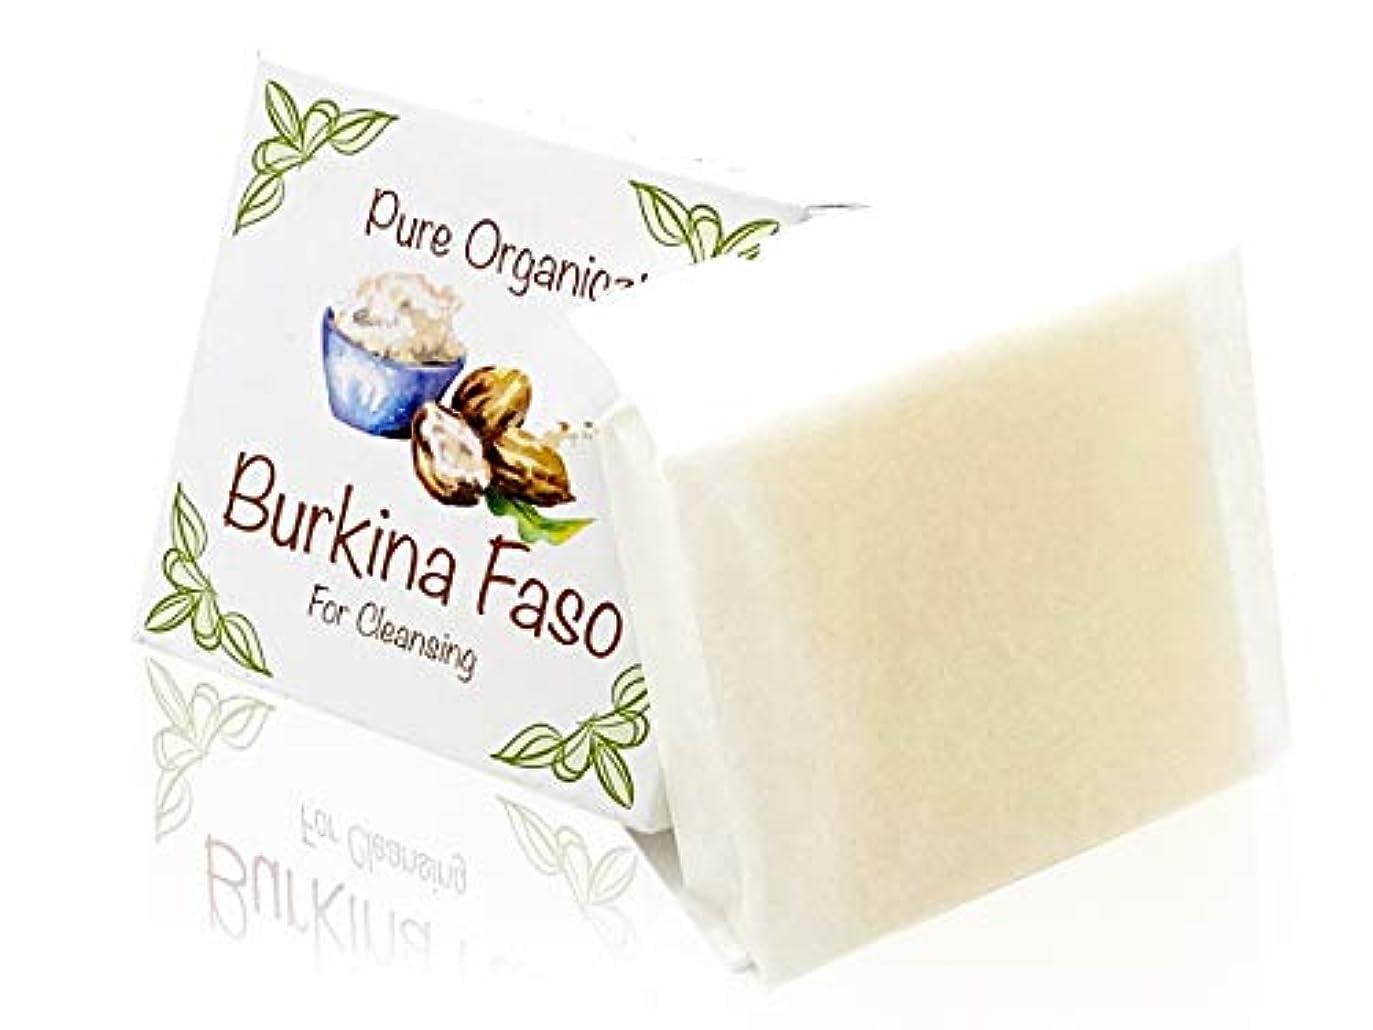 石油空いている火星シアバター 洗顔用石鹸 Burkina Faso Pure Organiczt 『無添加?毛穴?美白?保湿』